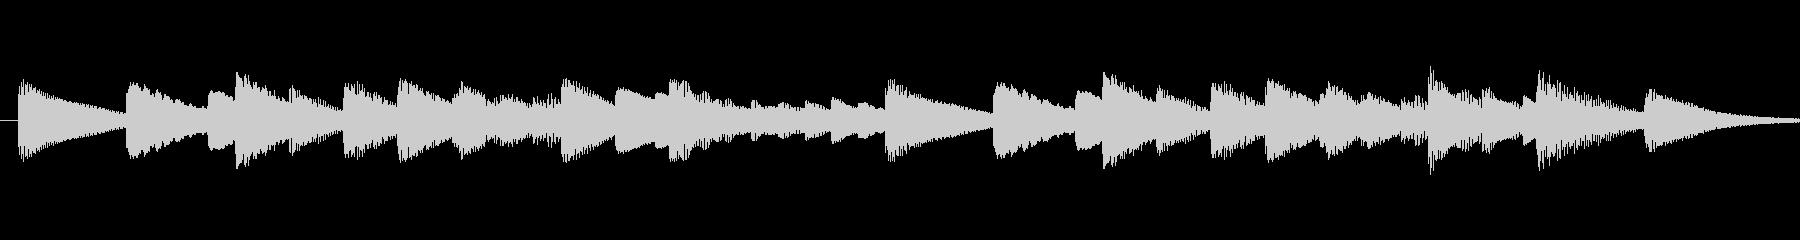 結婚式定番の結婚式行進曲のオルゴールの未再生の波形